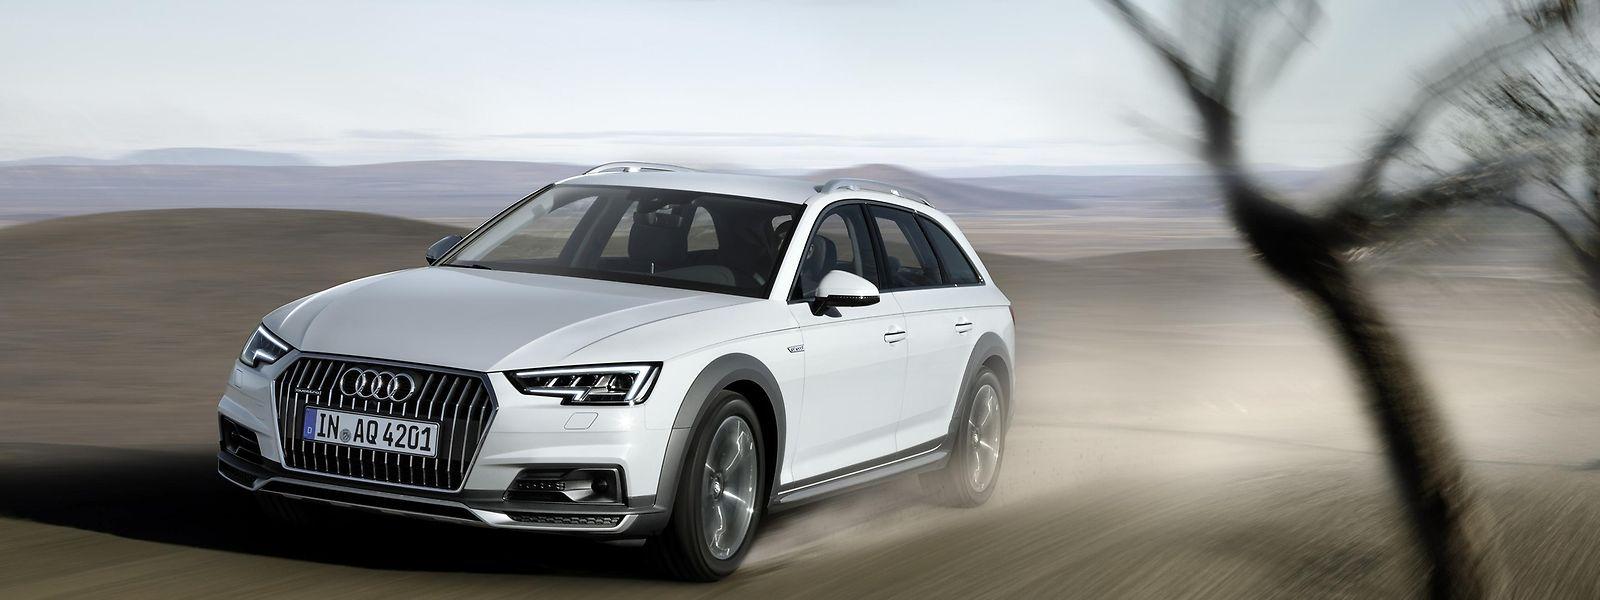 Seine Eignung fürs Gelände sieht man dem neuen Audi A4 allroad quattro auf Anhieb an. Die erhöhte Bodenfreiheit verbessert aber auch den Einstieg in den rustikalen Kombi.